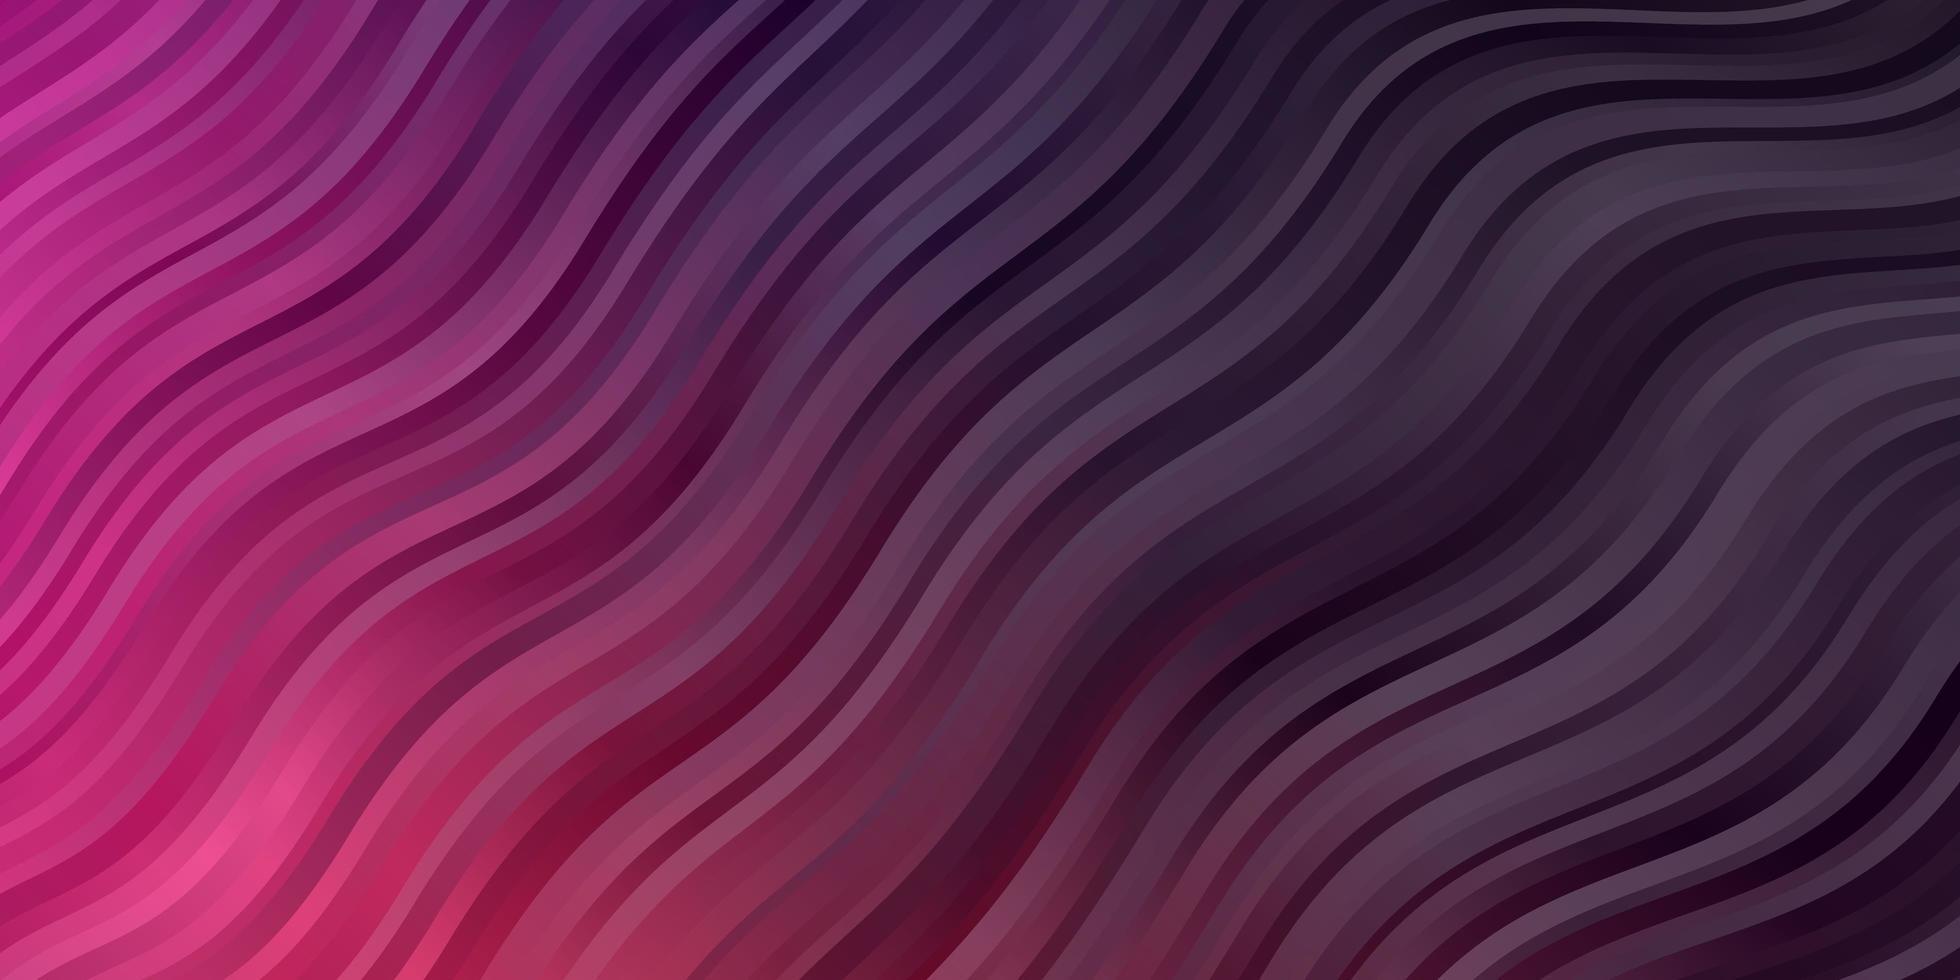 modello vettoriale rosa scuro con curve.